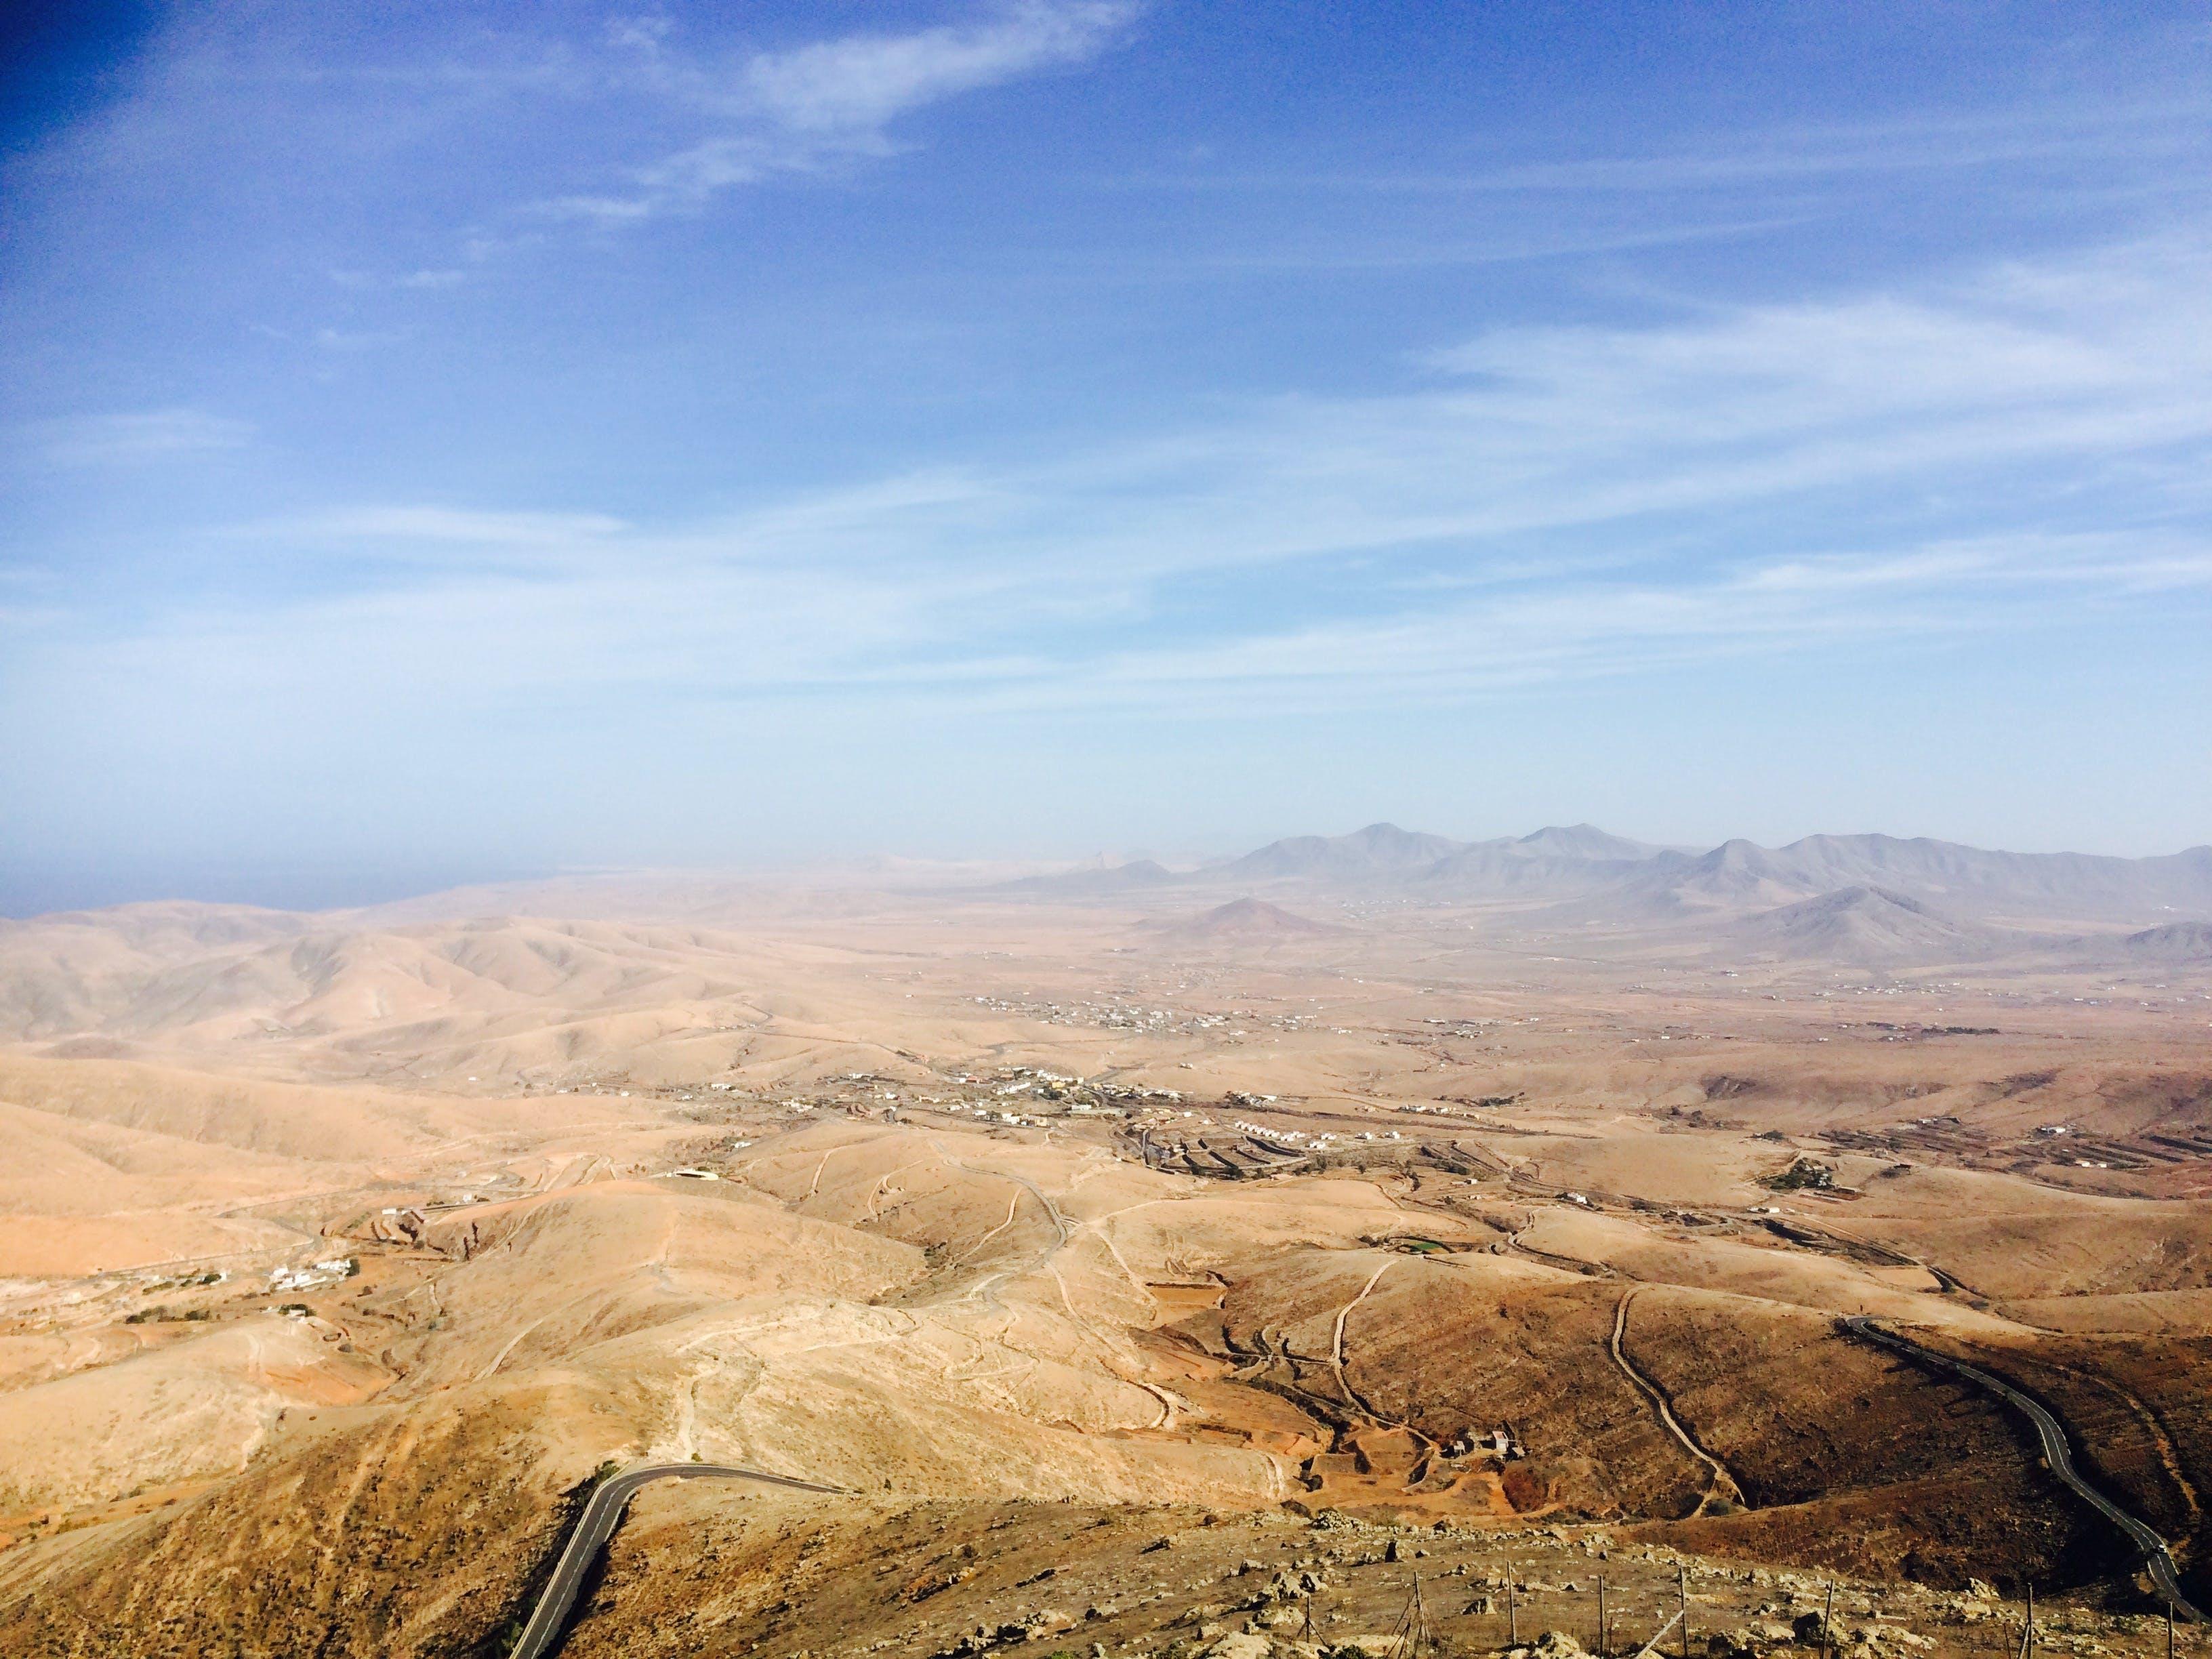 Top View Of Desert